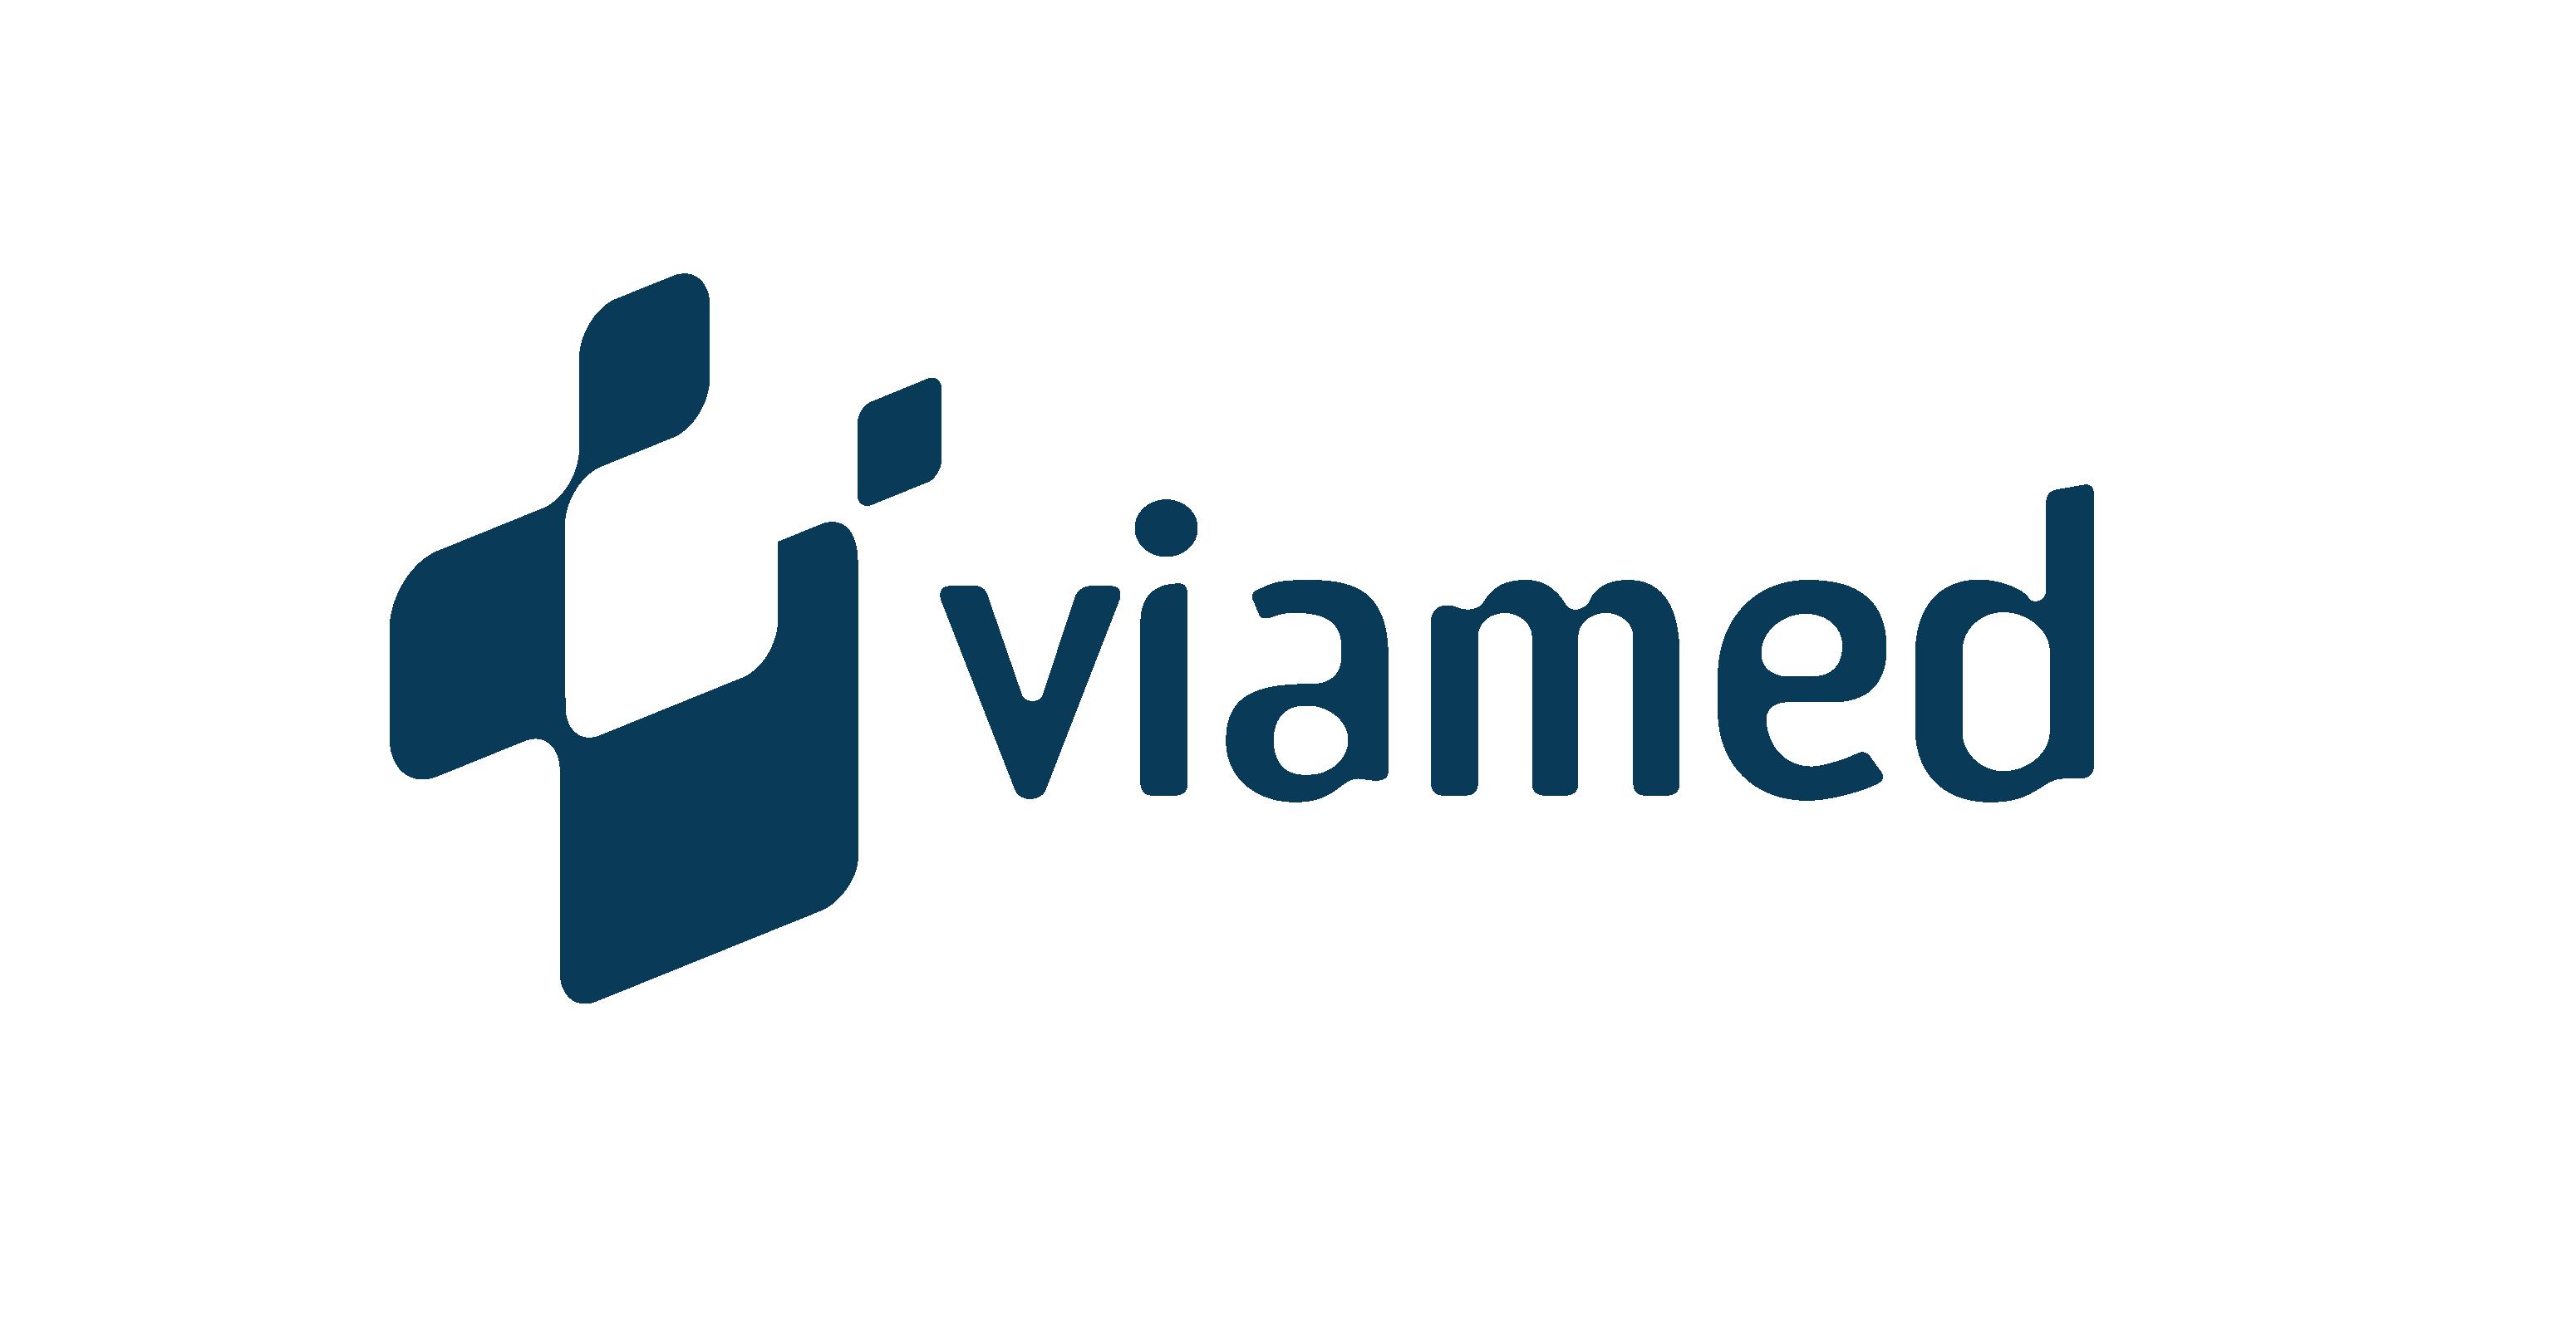 Viamed Salud refuerza su estructura directiva con la incorporación de Manuel Arnott como Director de Estrategia y Operaciones